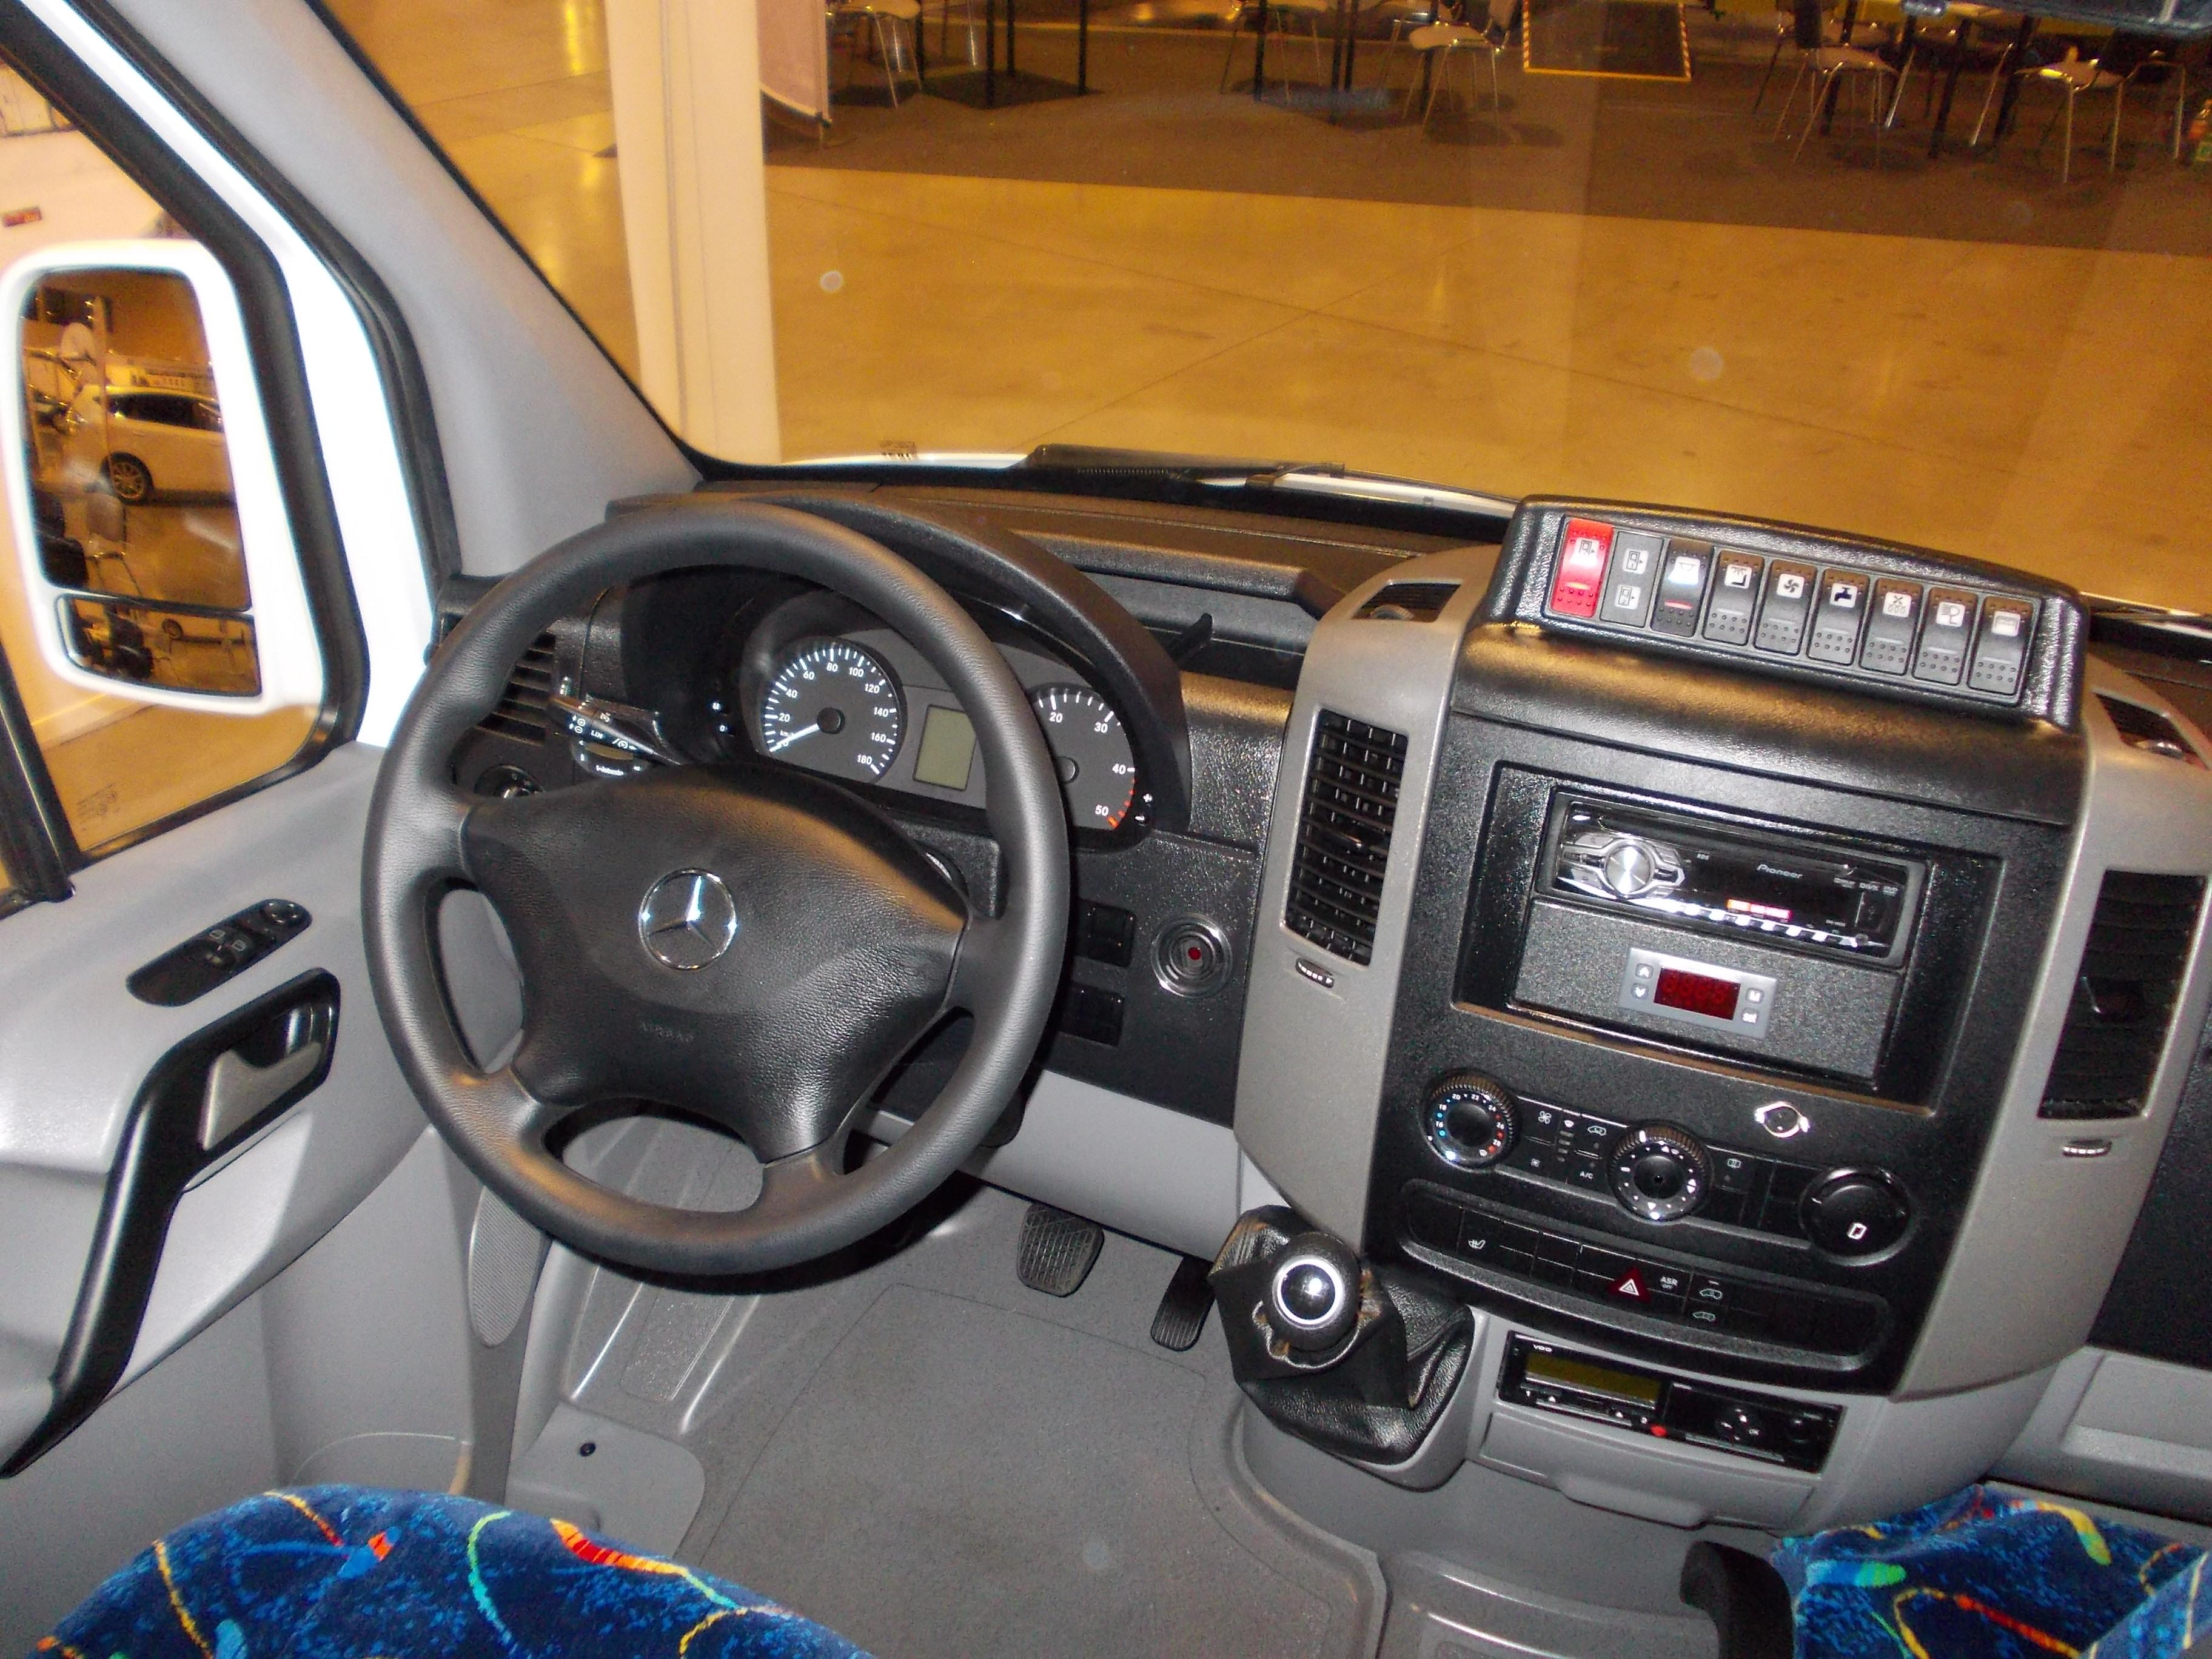 File:Mercedes-Benz Sprinter FL Automet cockpit ... | {Auto cockpit mercedes 72}